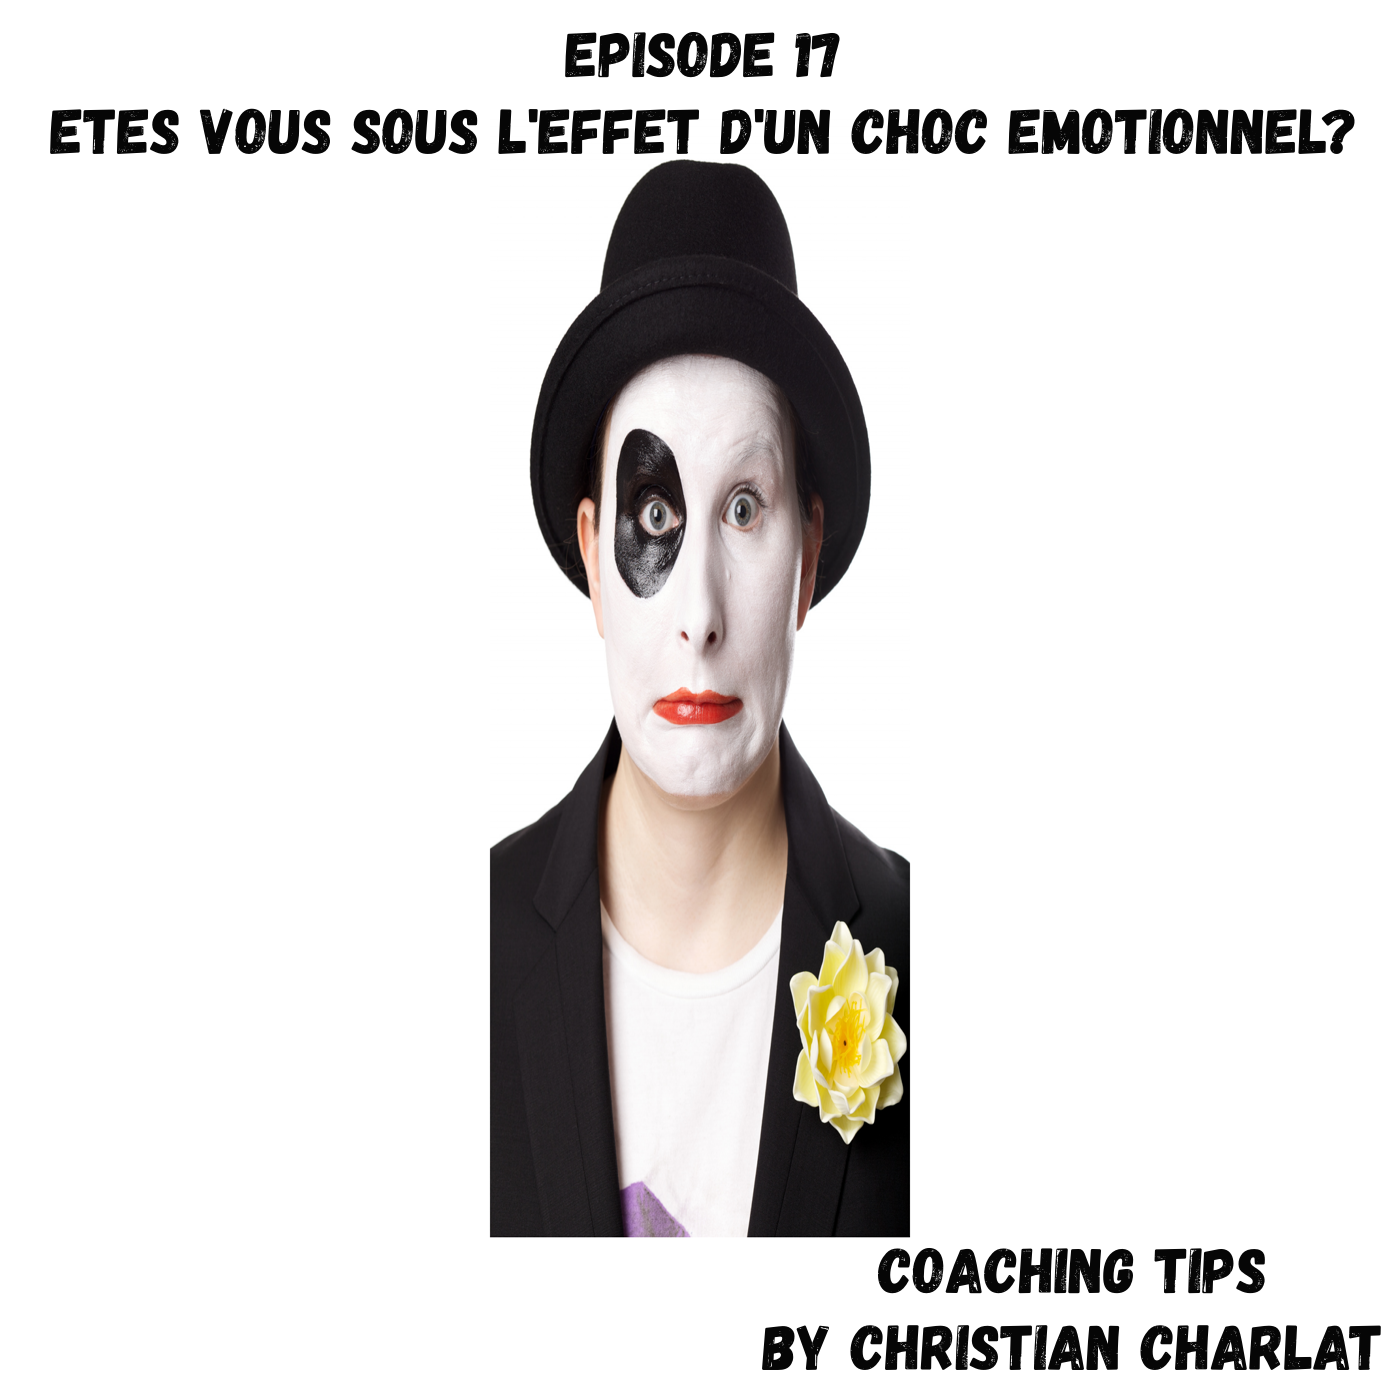 Episode 17 Etes vous sous l'effet d'un choc émotionnel?